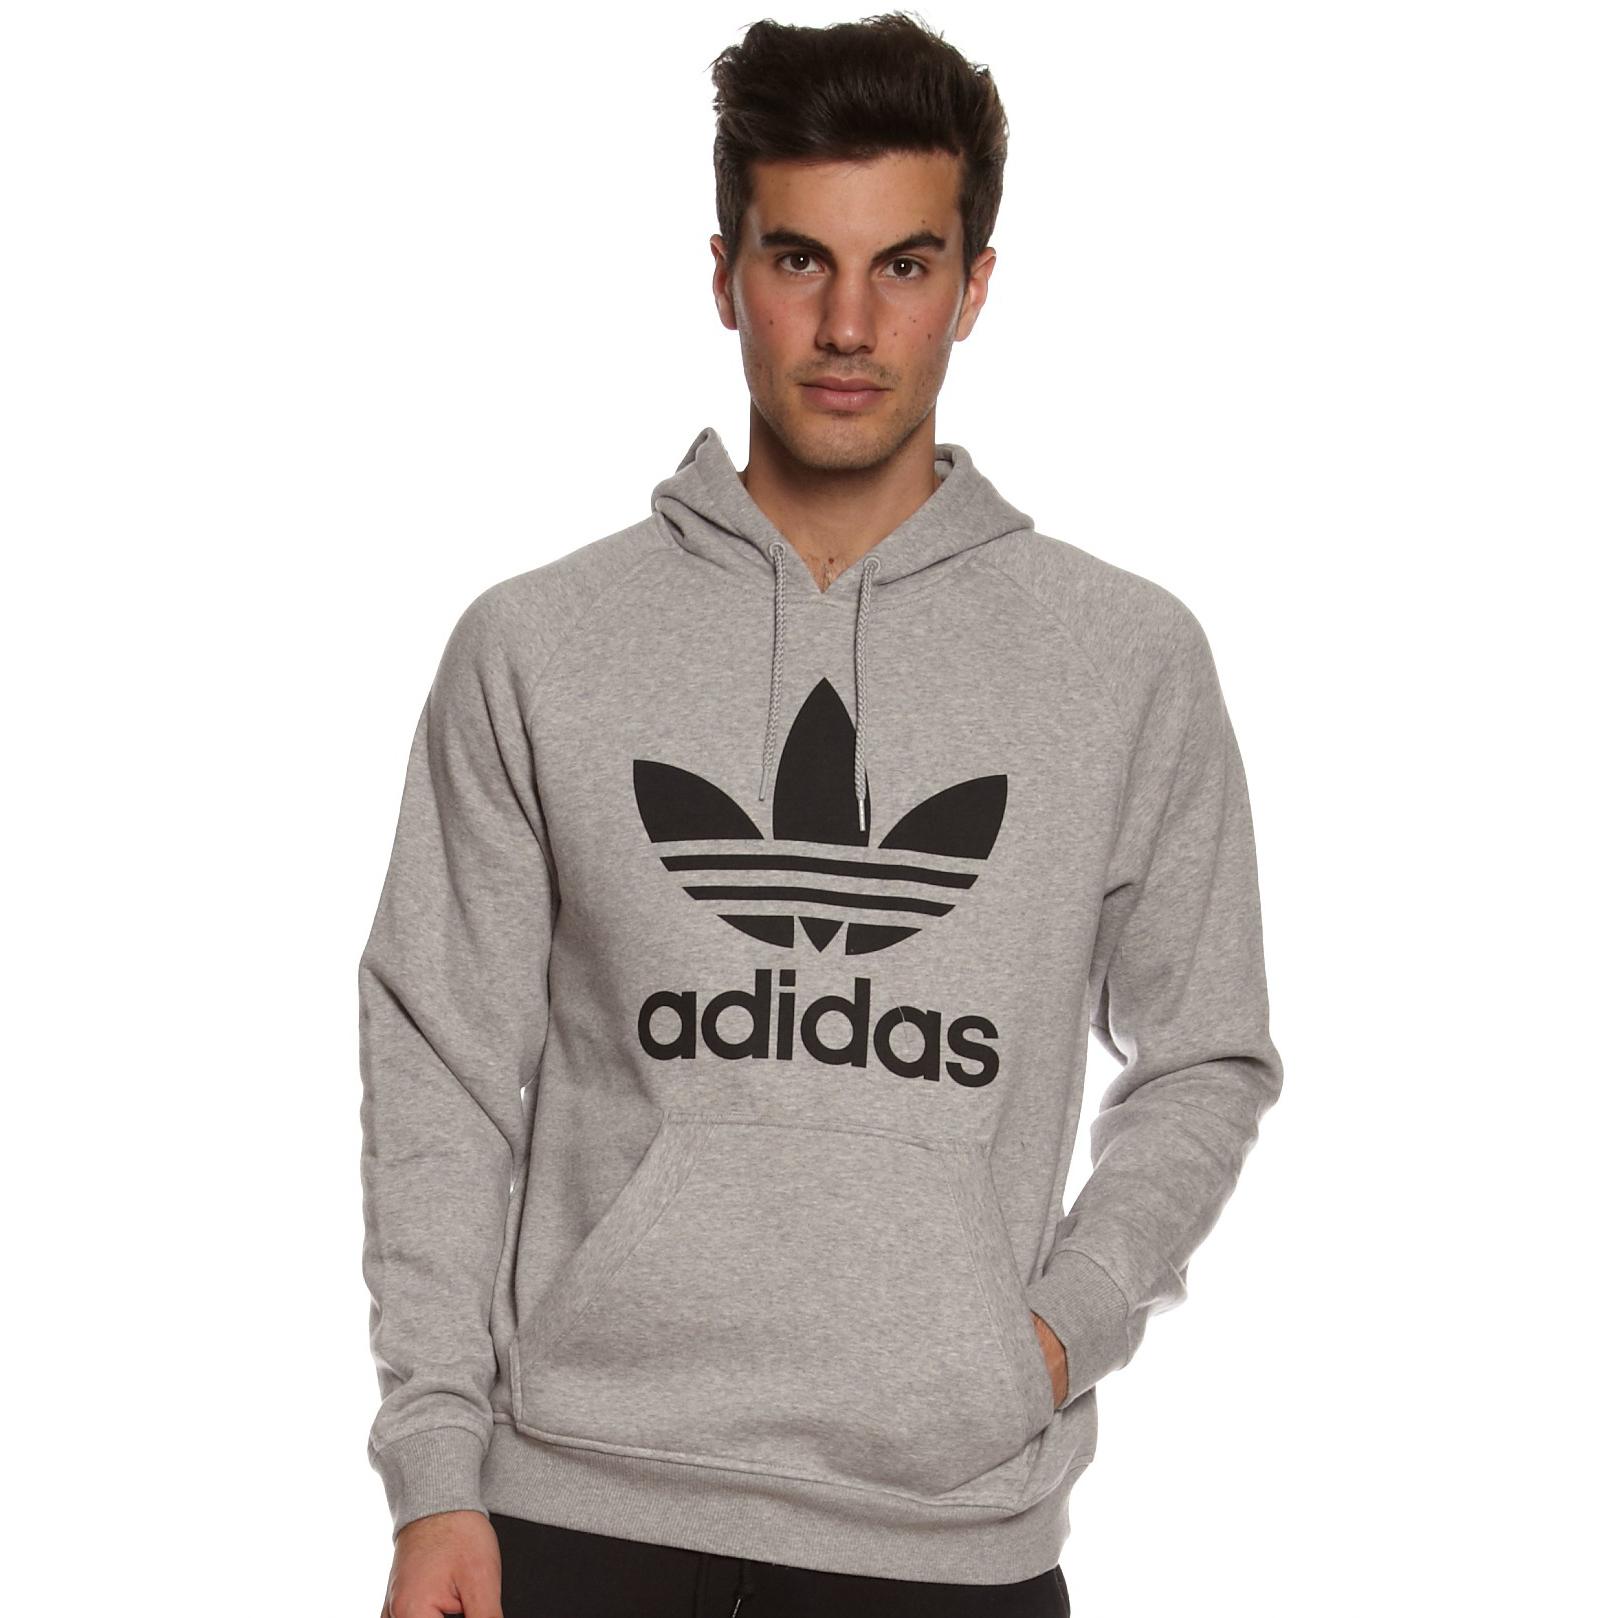 美國百分百【全新真品】Adidas 愛迪達 男 長袖 三葉草 連帽 T恤 T-shirt 上衣 灰色 S M號 E420